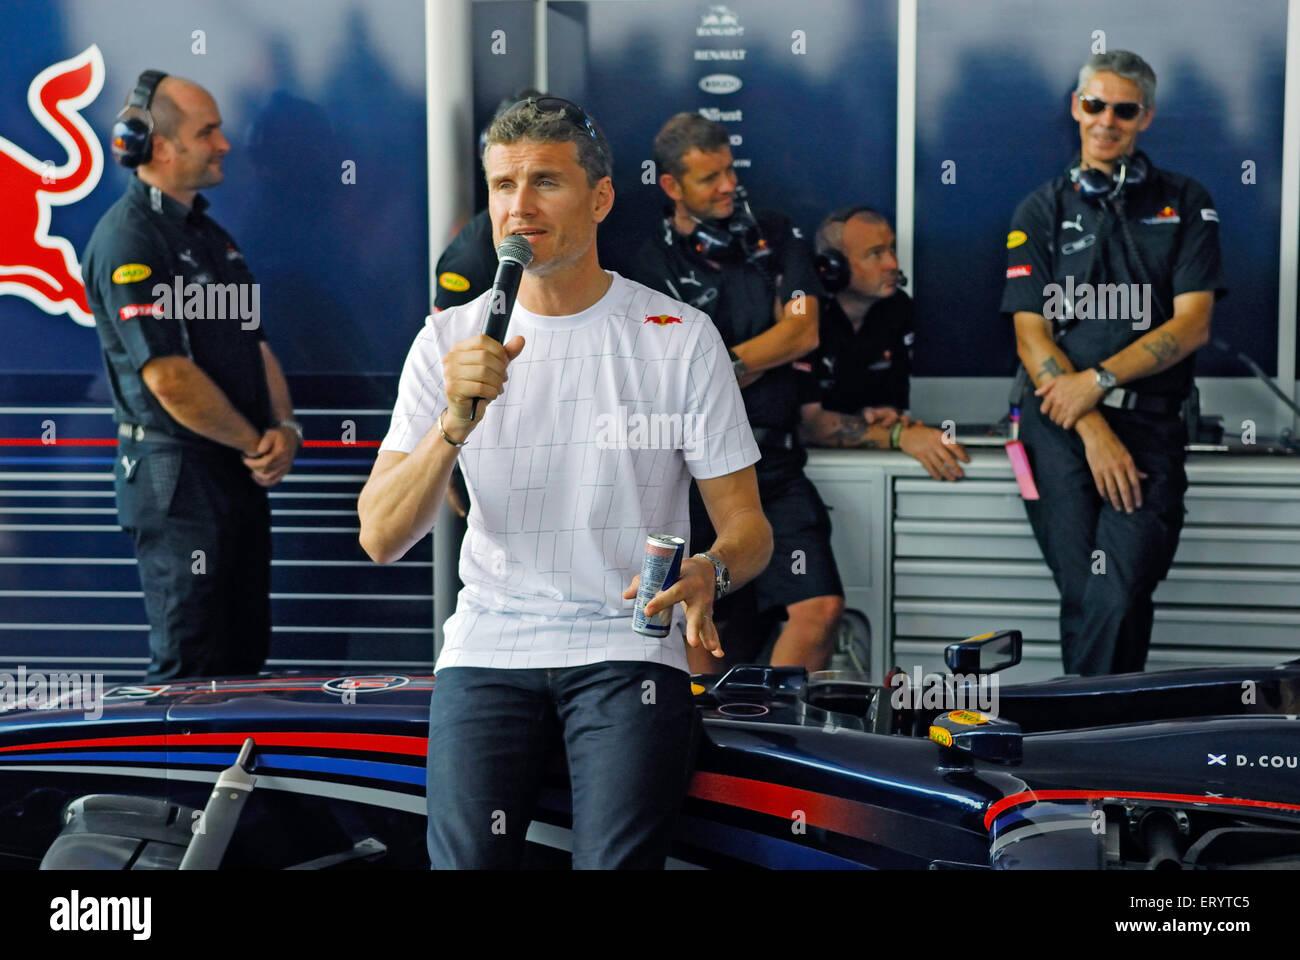 David coulthard british winning formula one race during press conference  Bombay Mumbai ; Maharashtra ; India NOMR - Stock Image